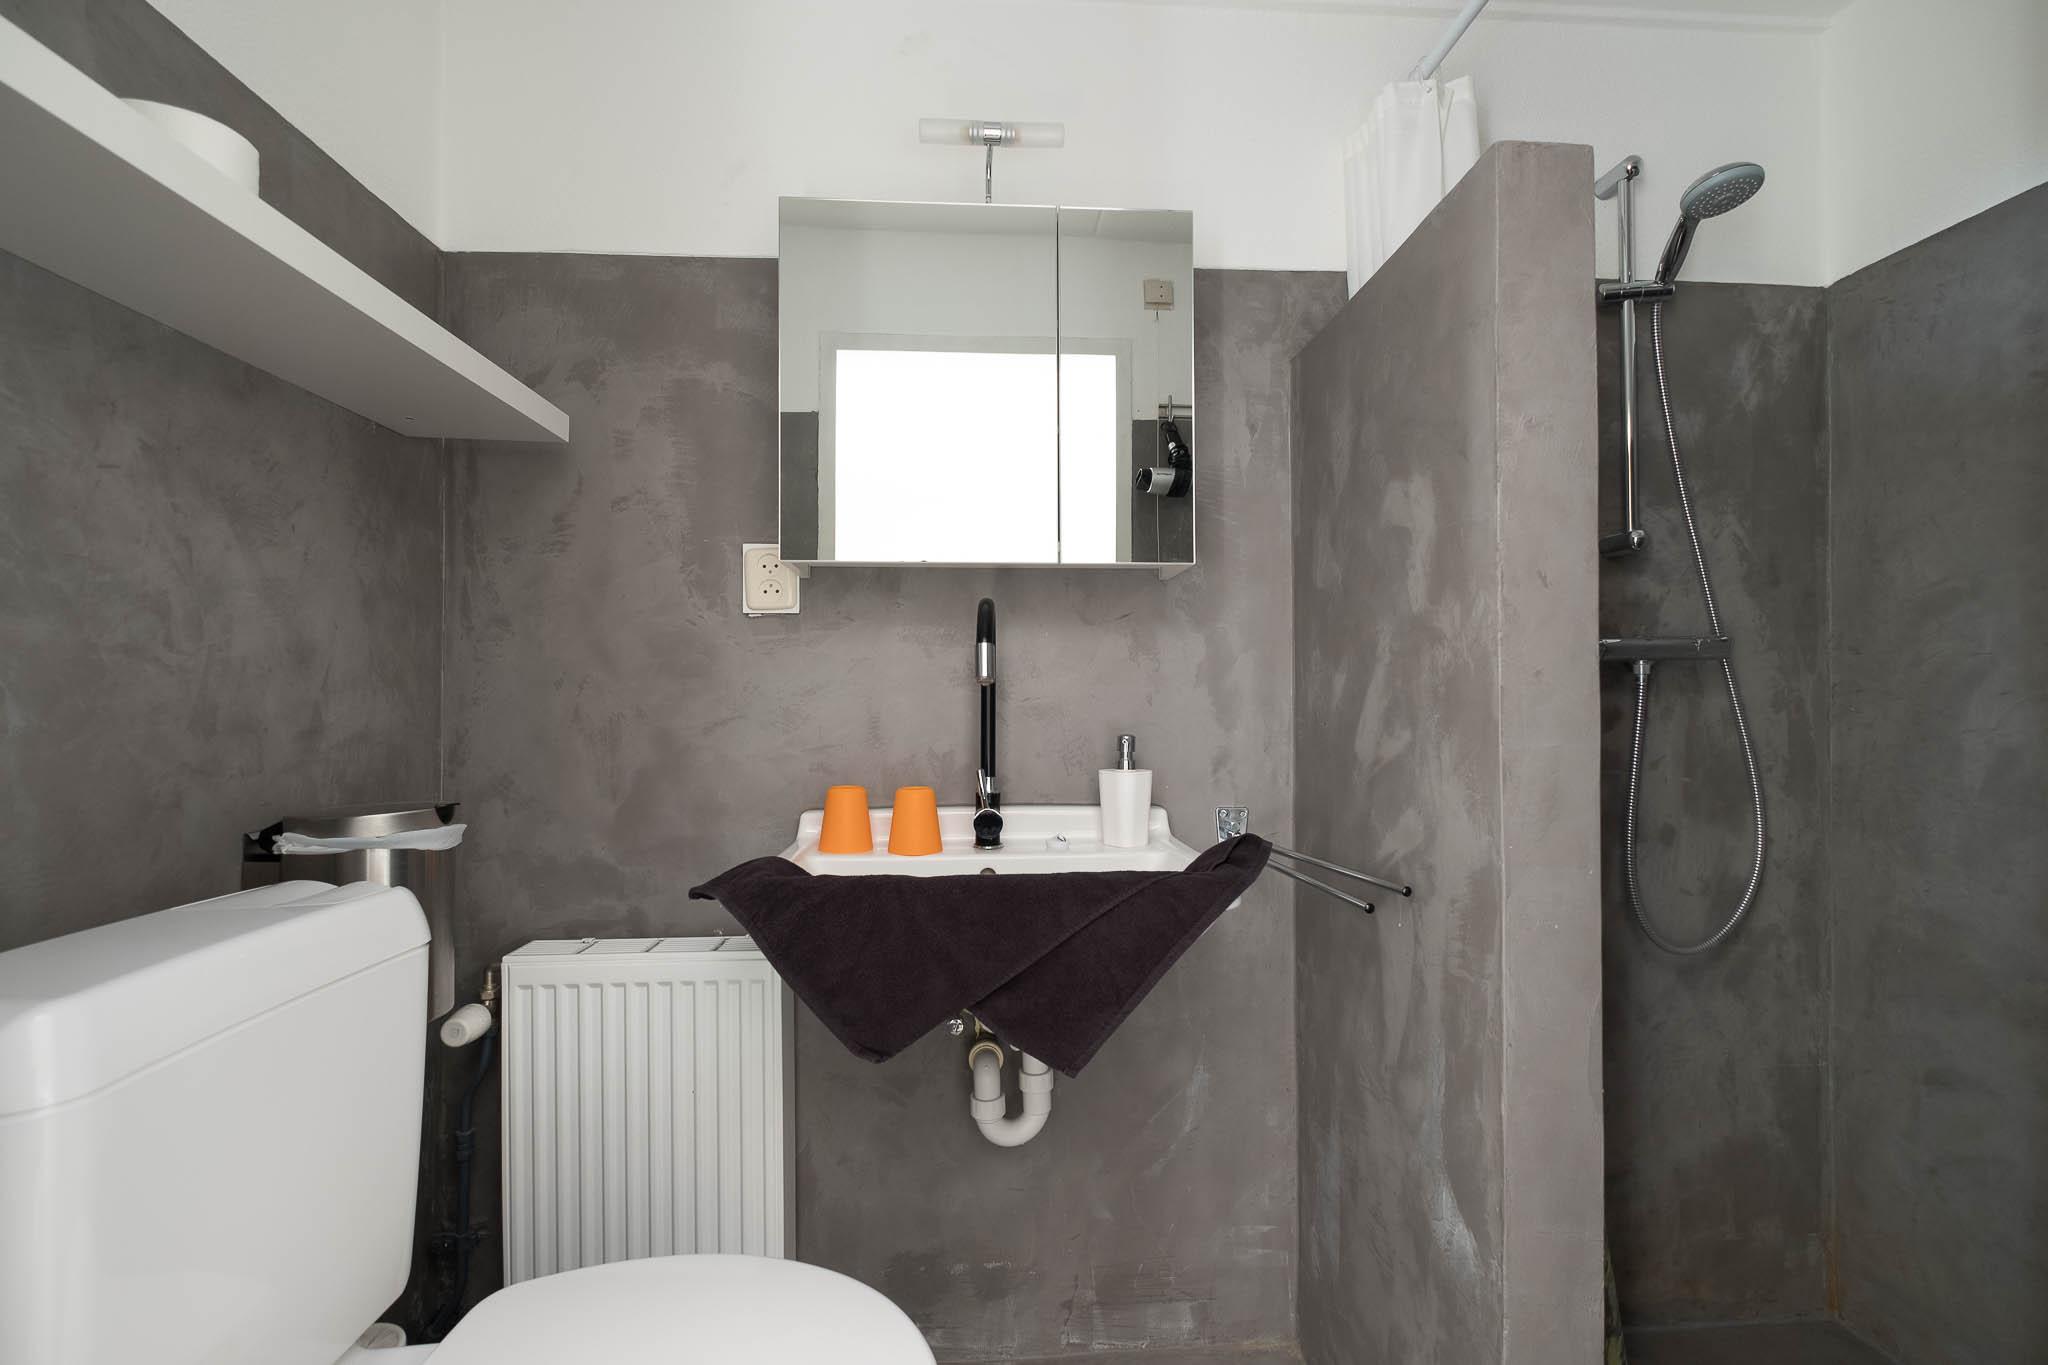 kamer 3 - badkamer